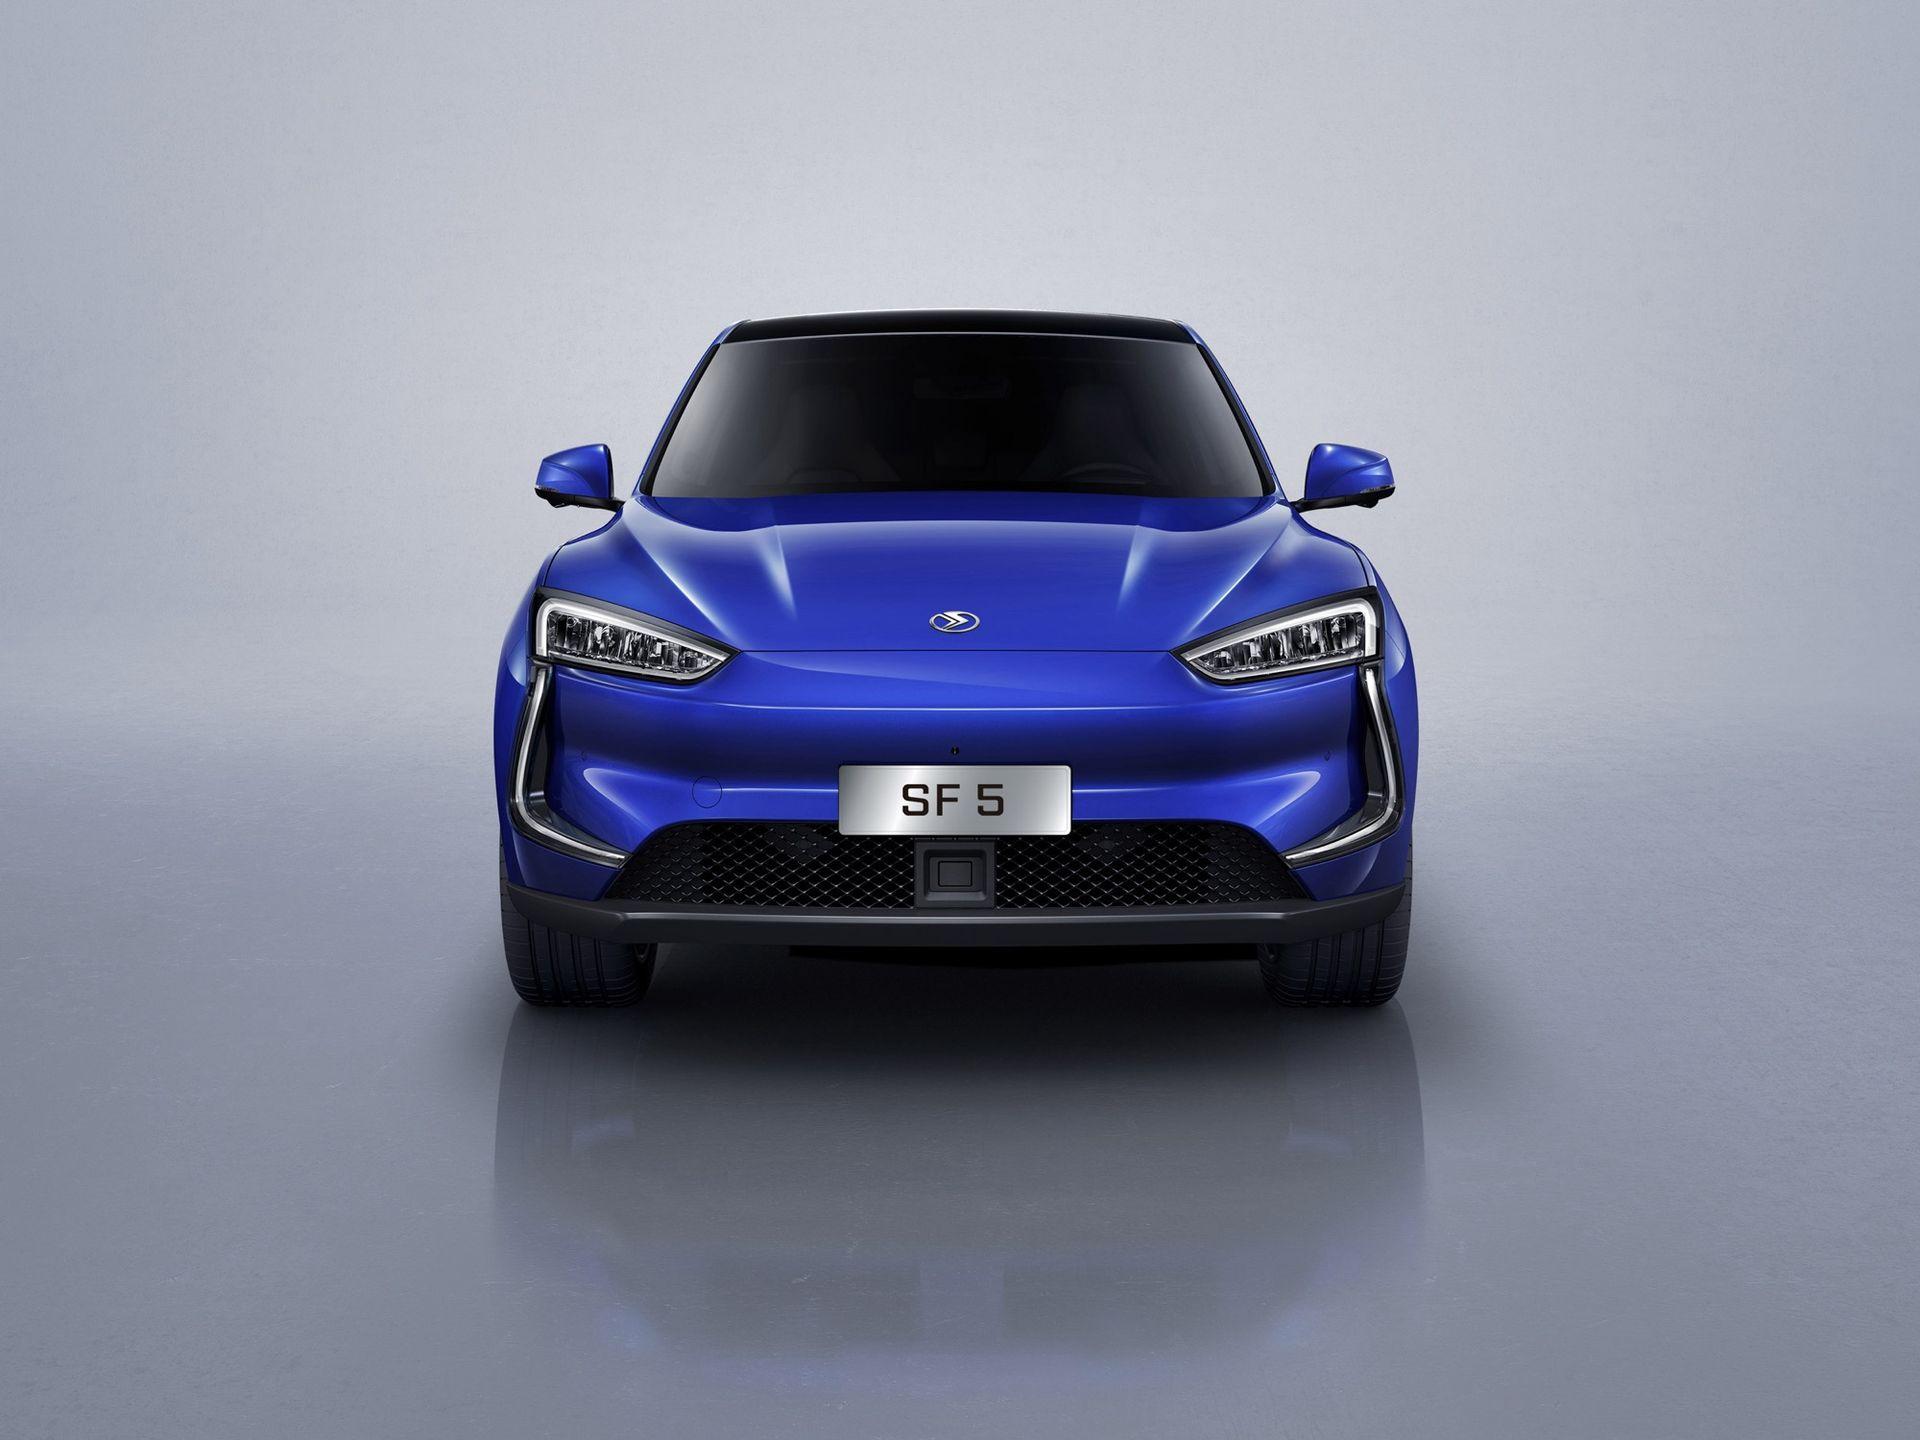 Snart lanseras en ny elbil i Sverige